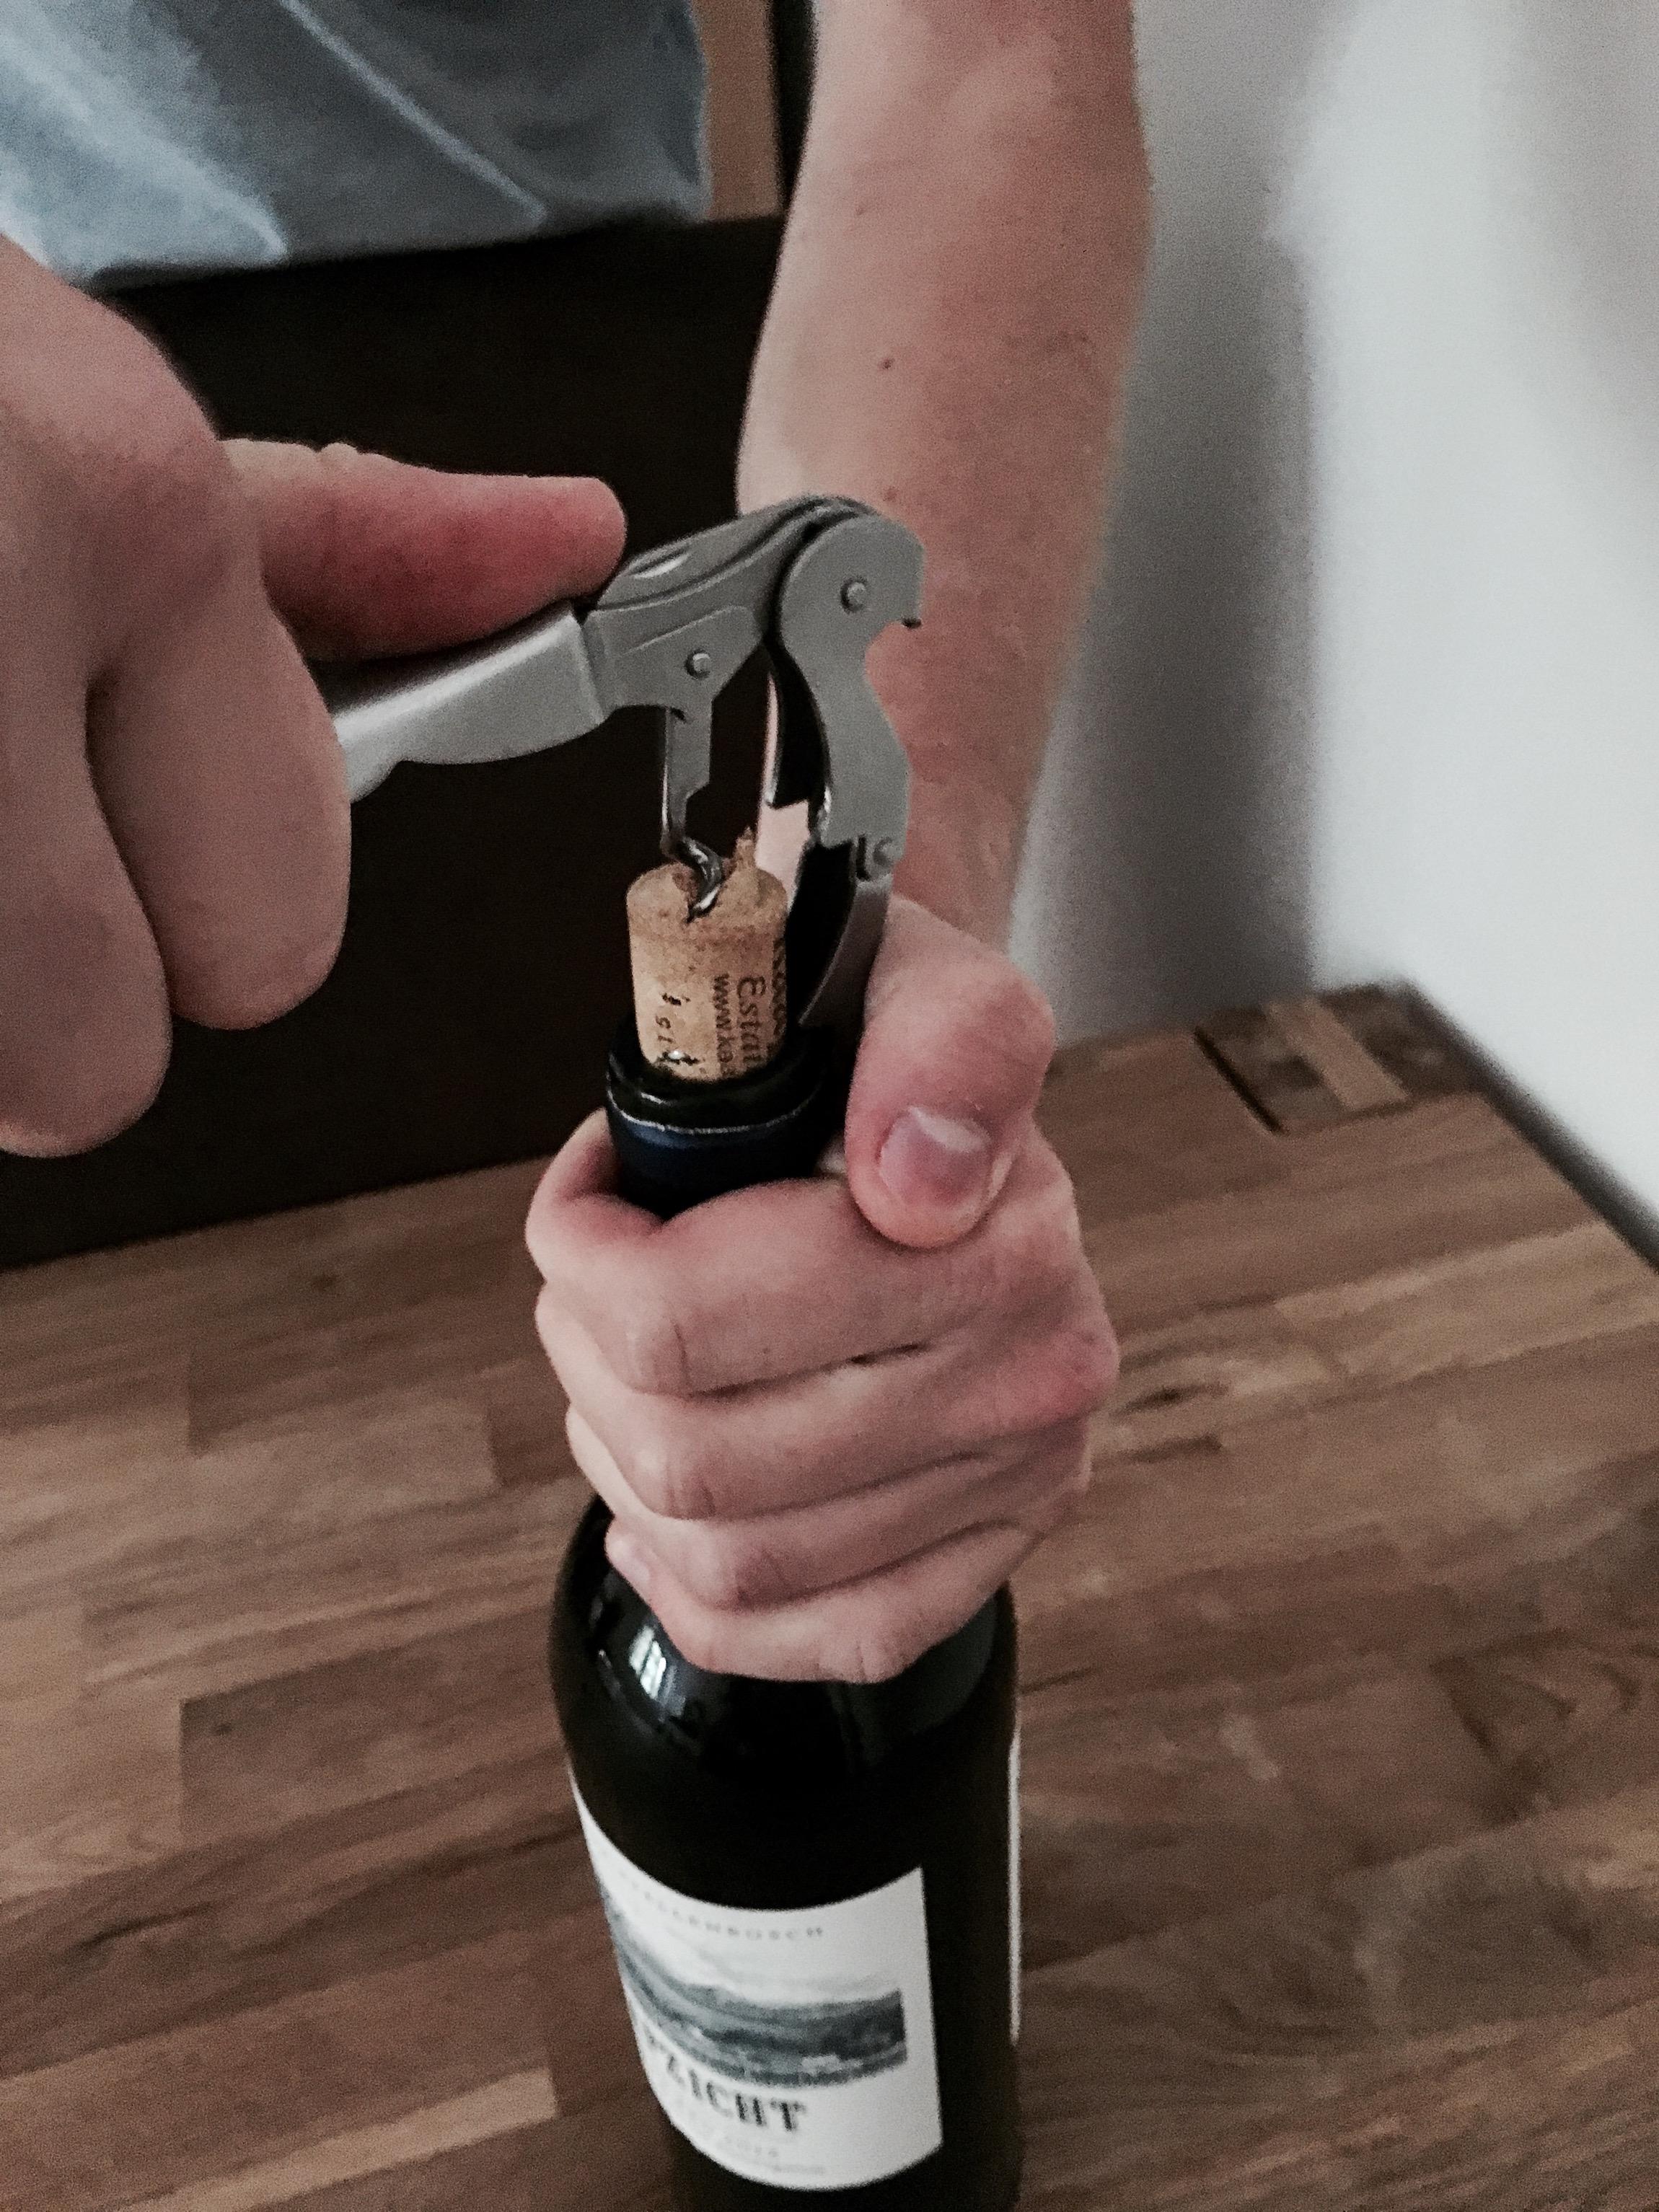 korken aus der flasche entfernen